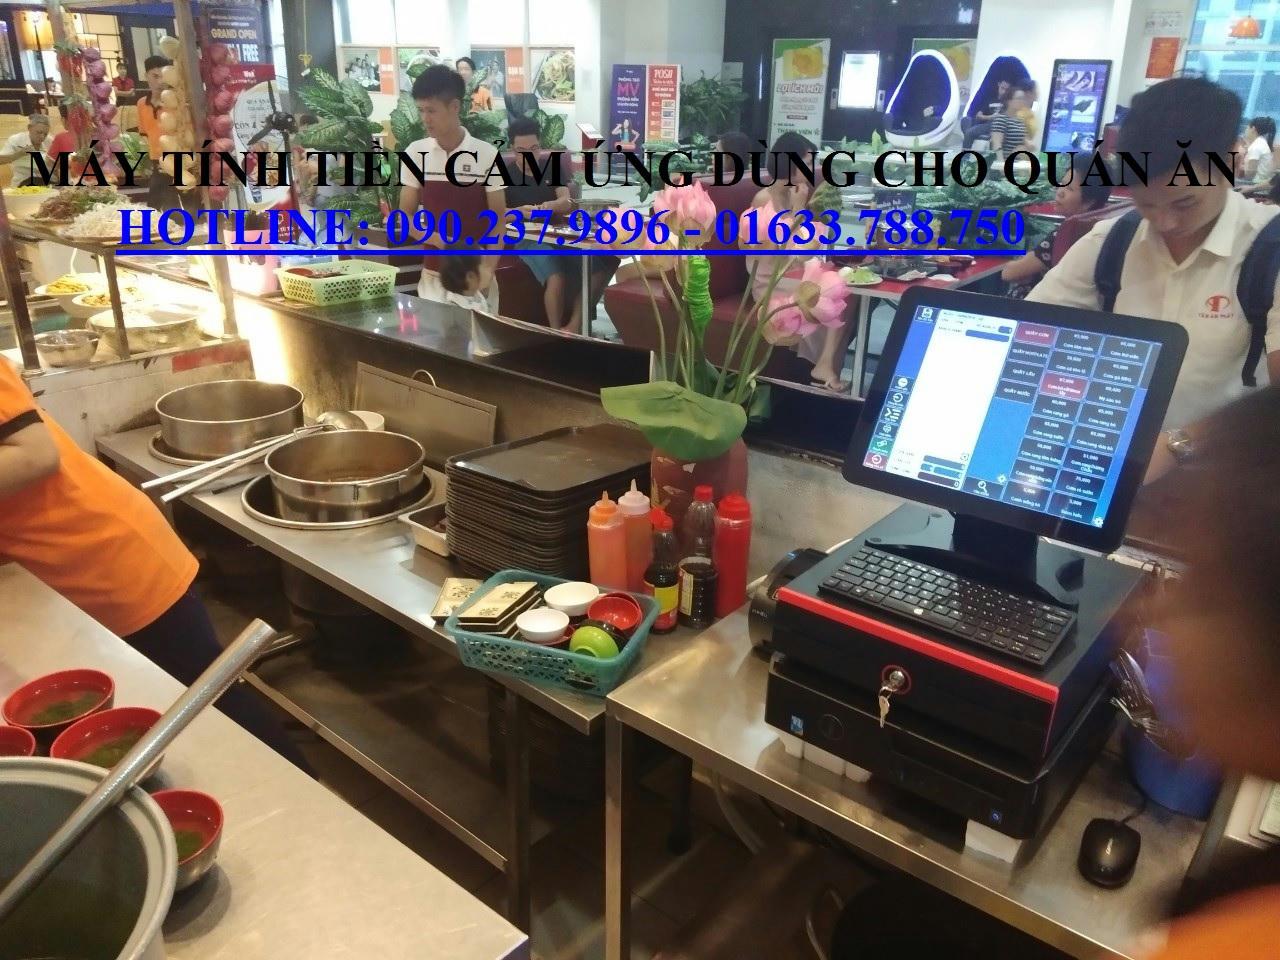 dqqljw6e1b1mdiezg - Bán máy tính tiền dùng cho nhà hàng ăn uống tại Bắc Ninh